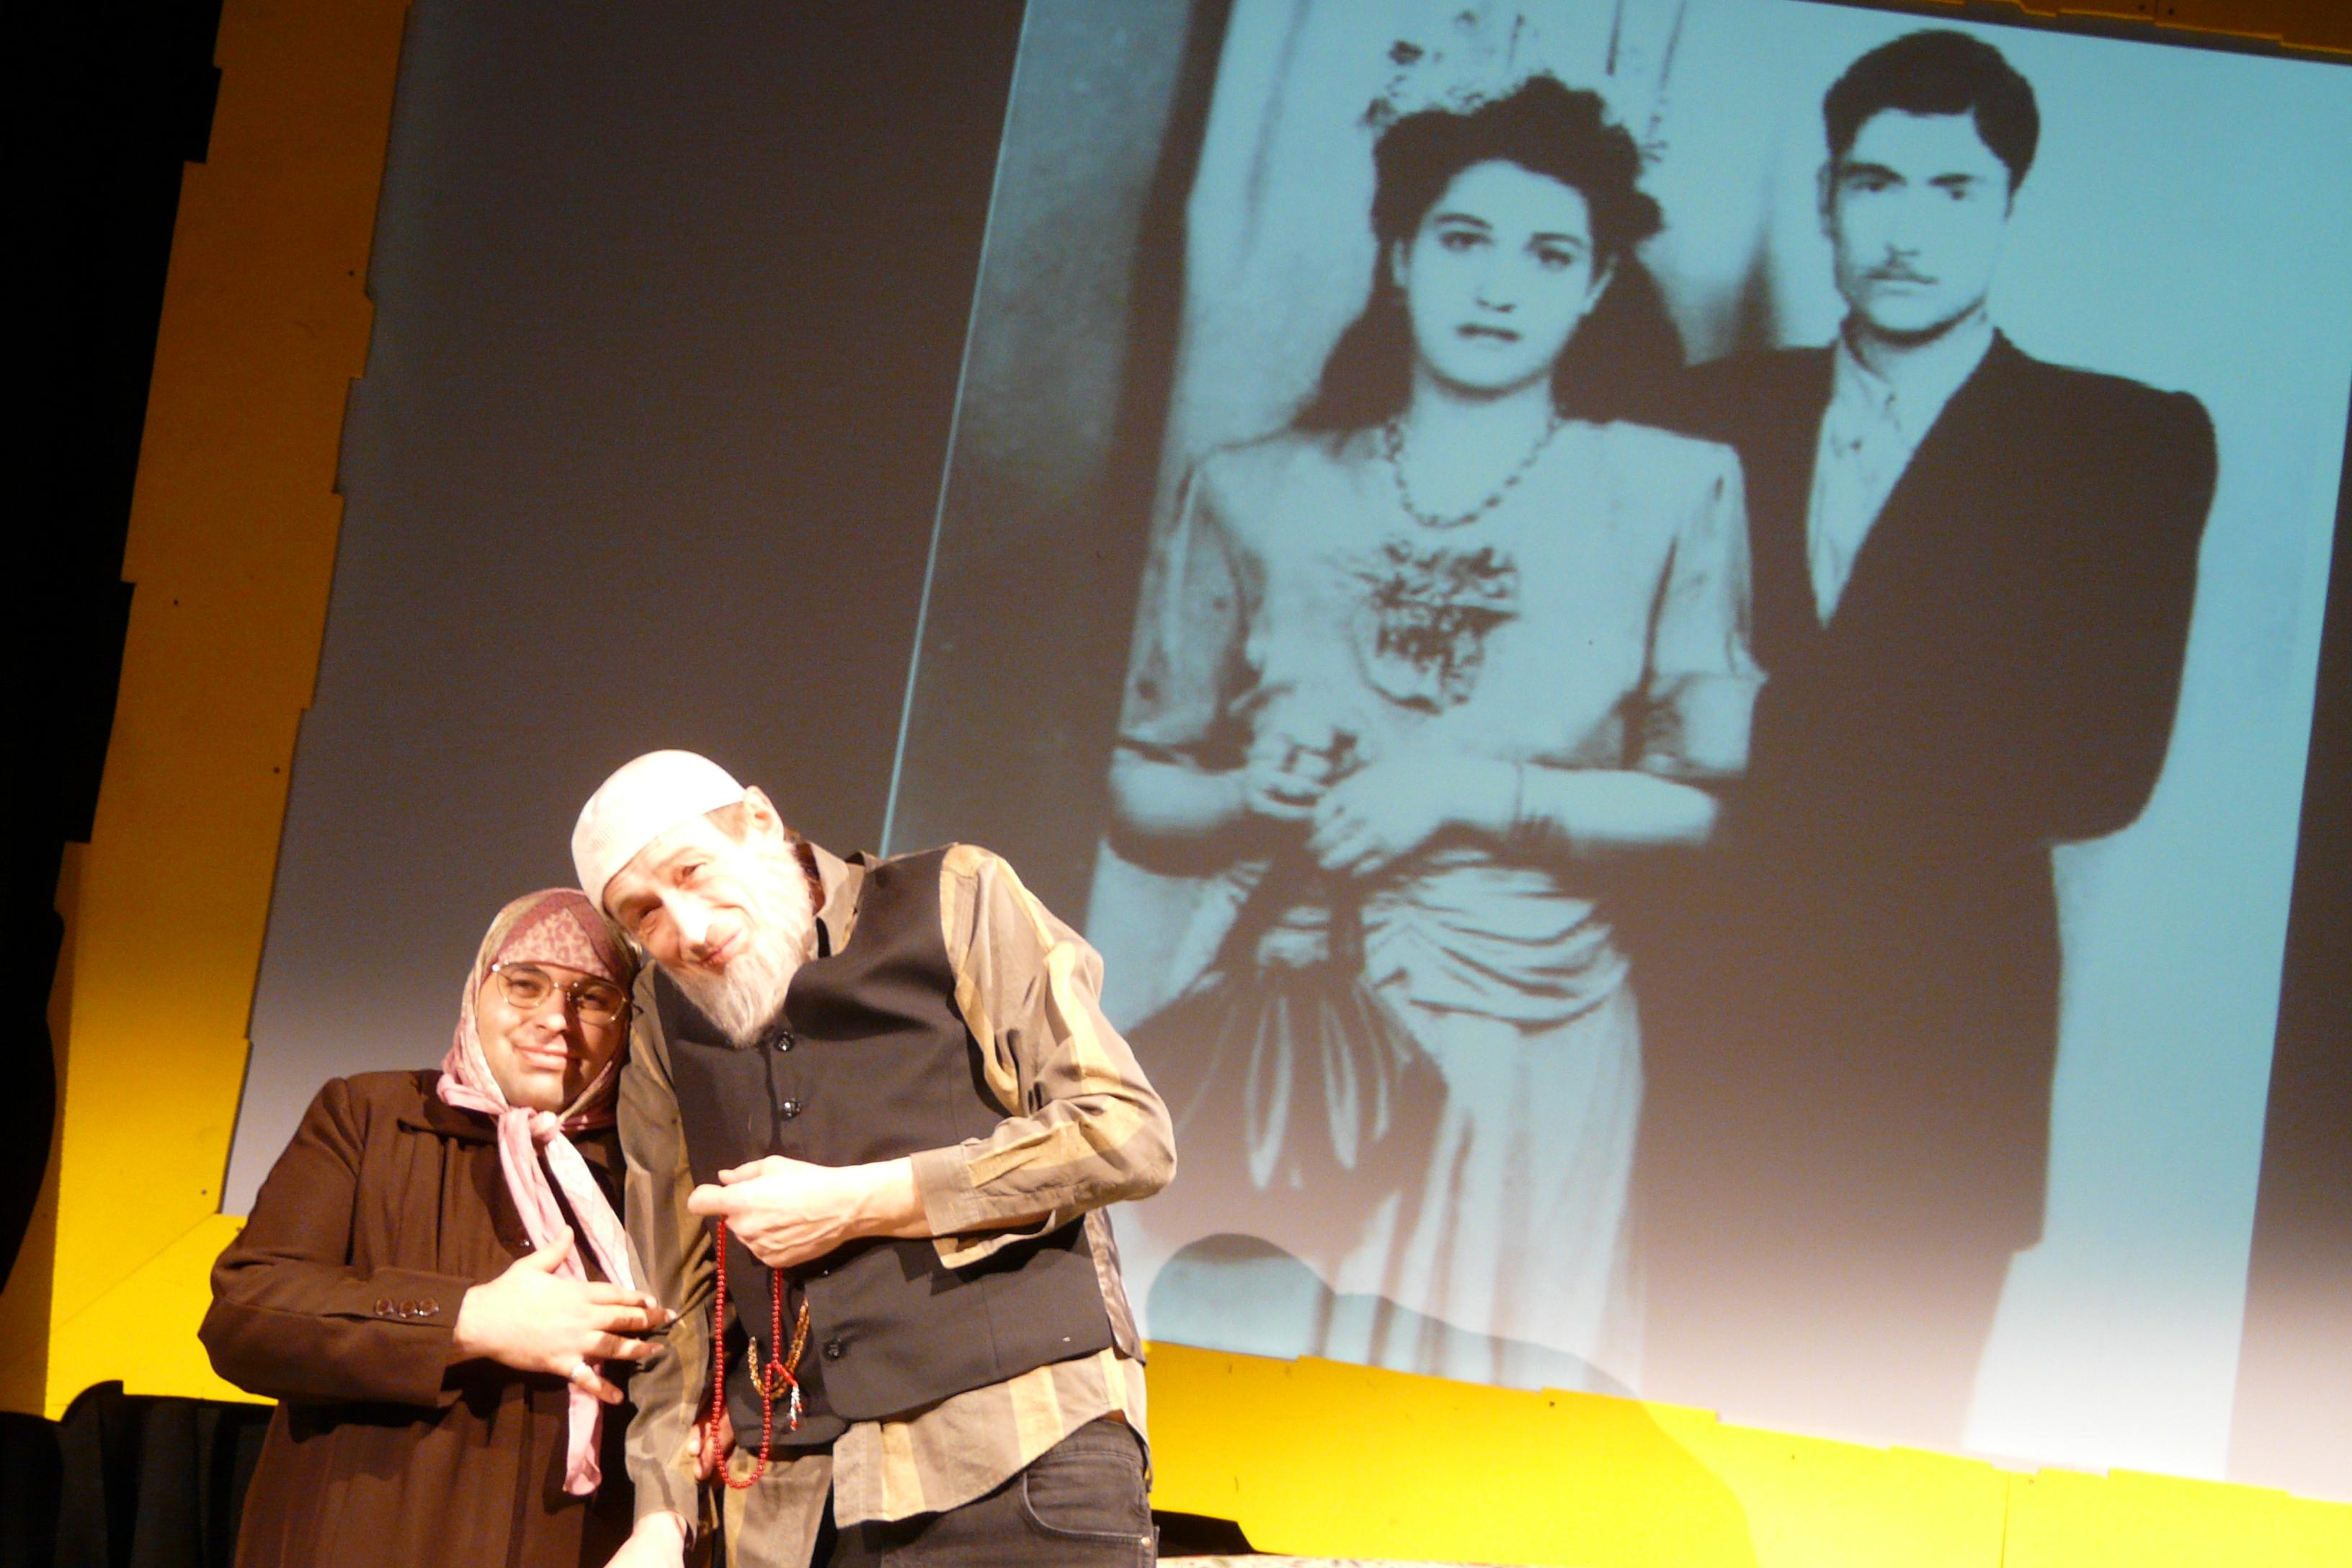 Fatima mit ihrem Mann Timur